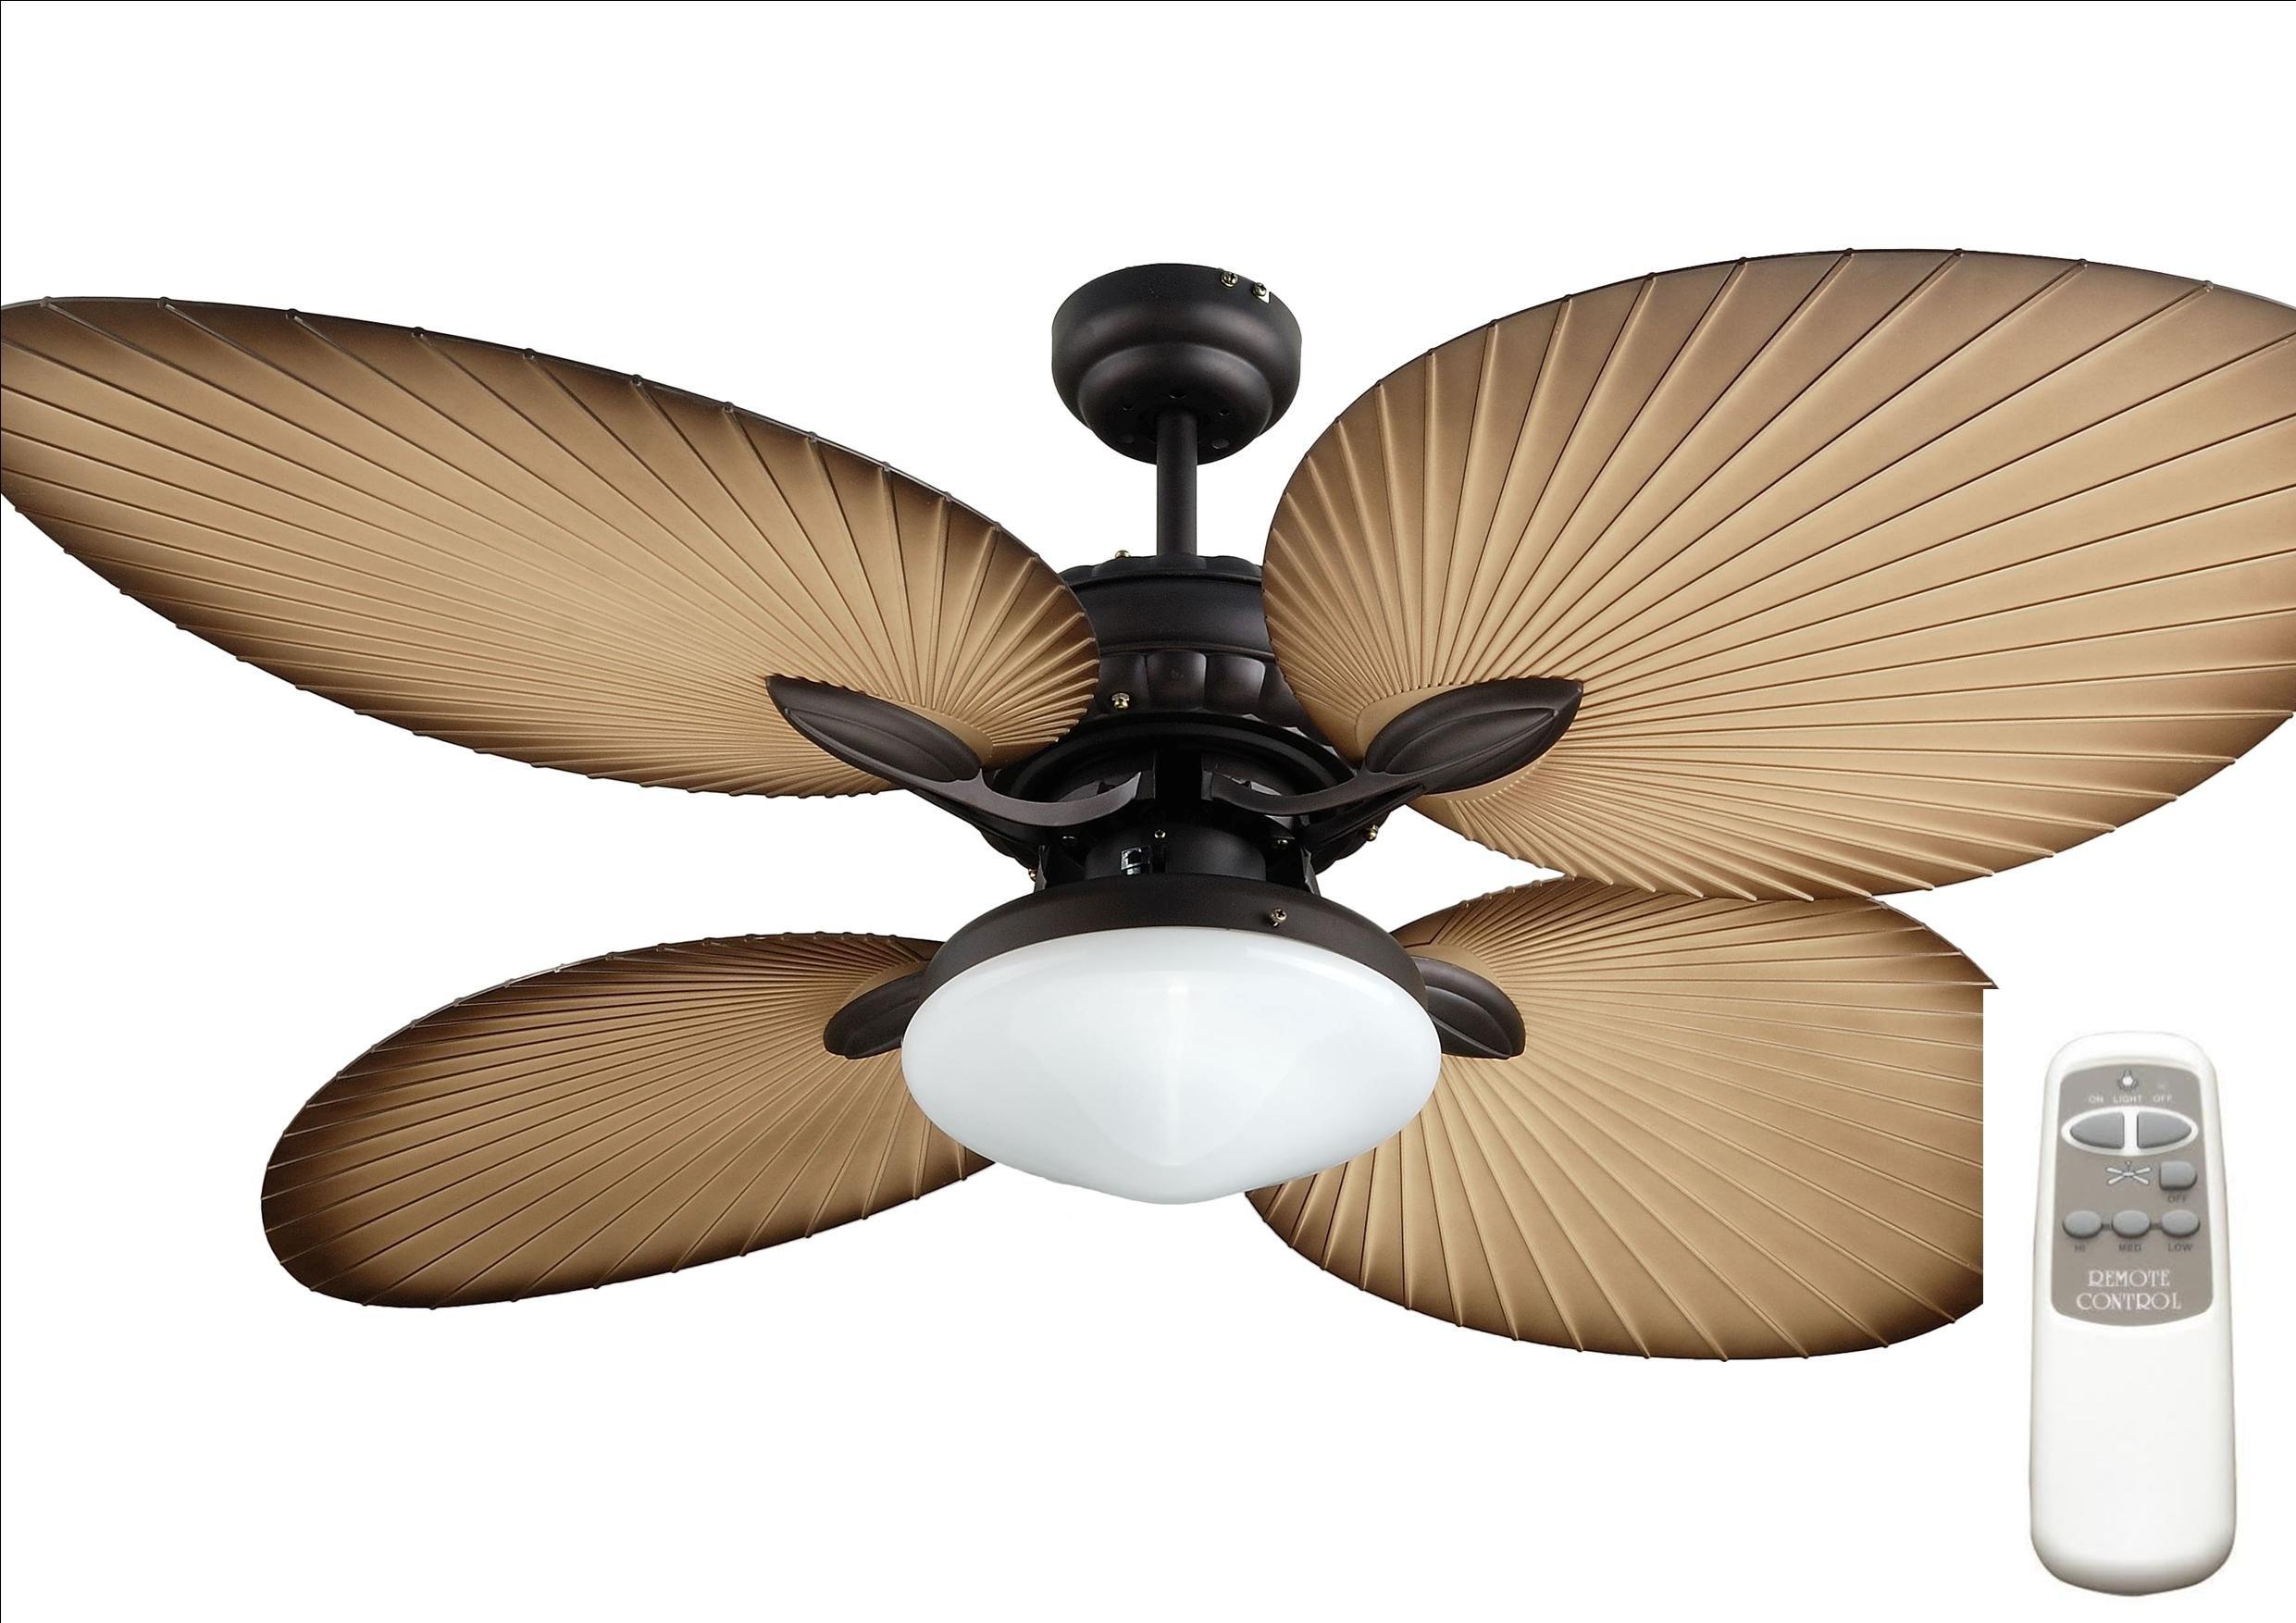 Ocean Lamp OL52040-T Gorgeous Butterfly Ceiling Fan W/Light&Remote Control by Ocean Lamp